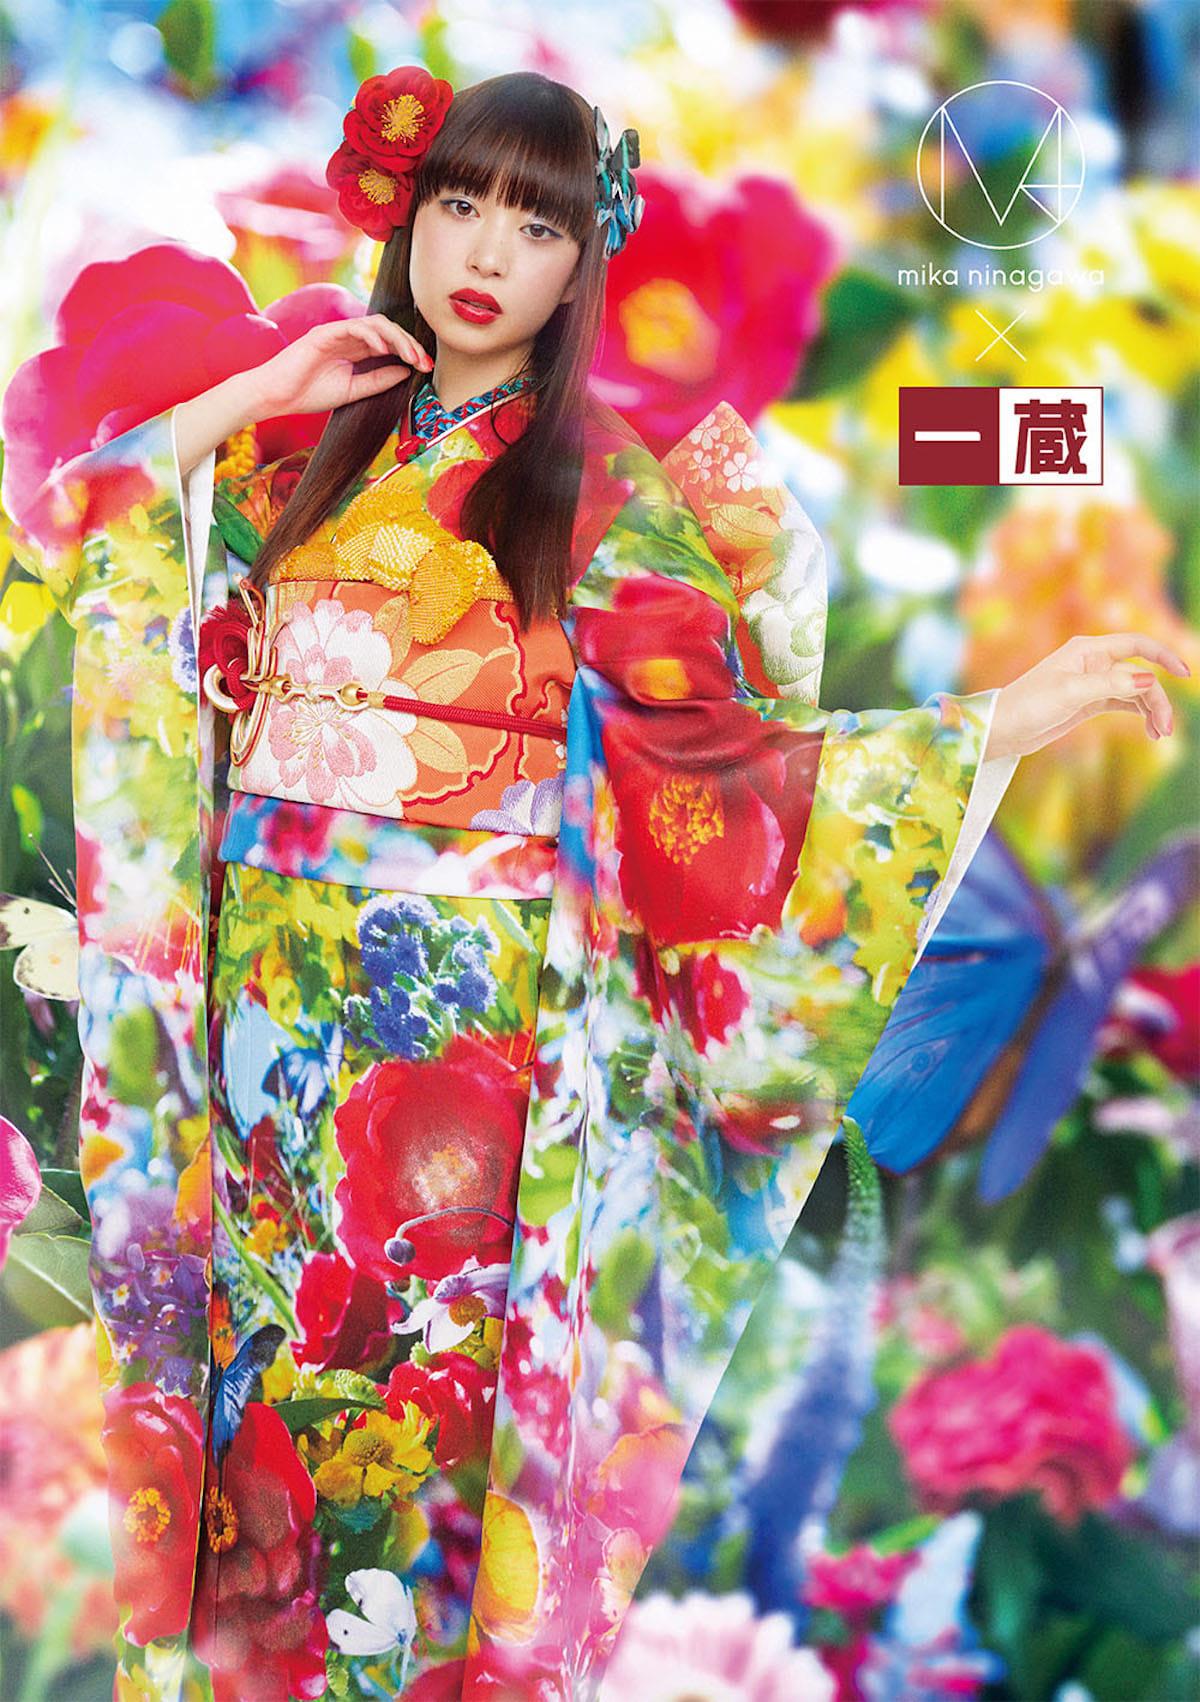 蜷川実花による色彩豊かすぎる振袖を森川葵が着用!ビビットなビジュアル公開 fashion180531_mika-ninagawa_4-1200x1702